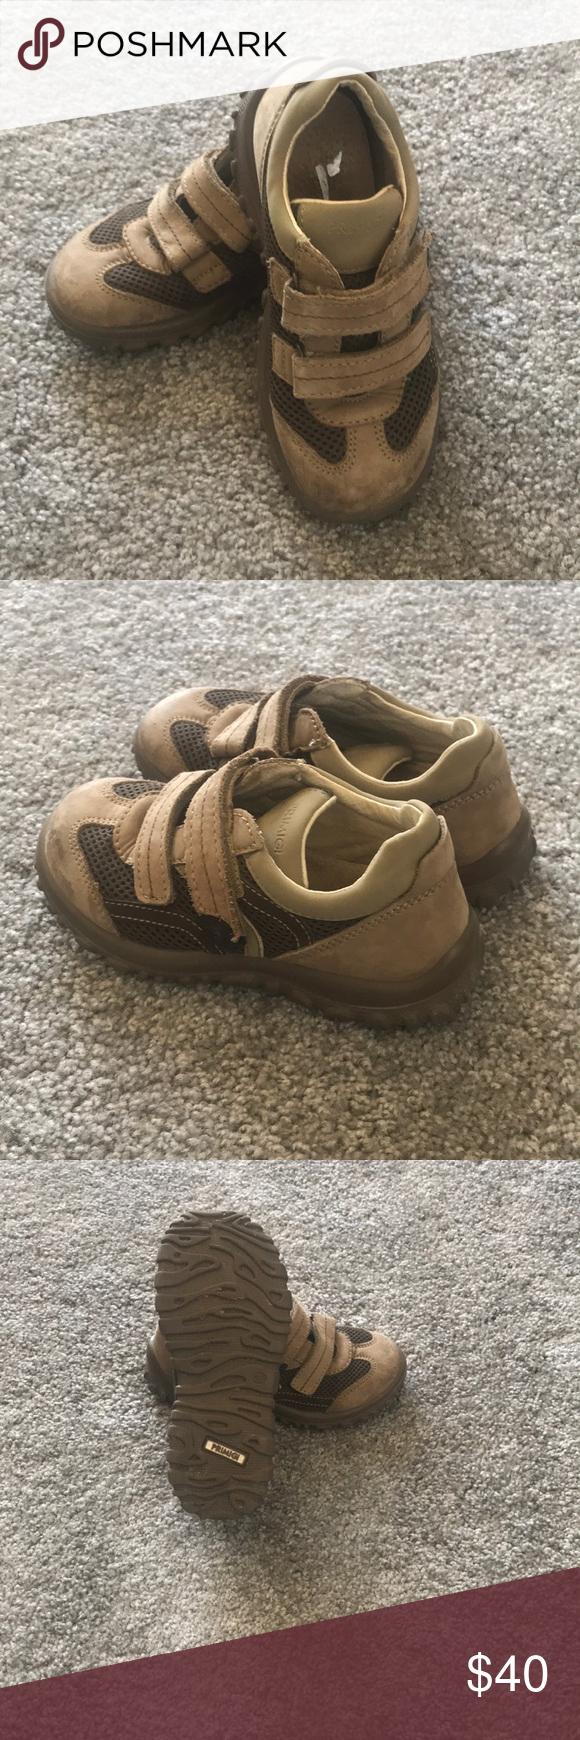 Primigi scarpe in 2018   My Posh Picks     Pinterest   Primigi scarpe   bdf9fd